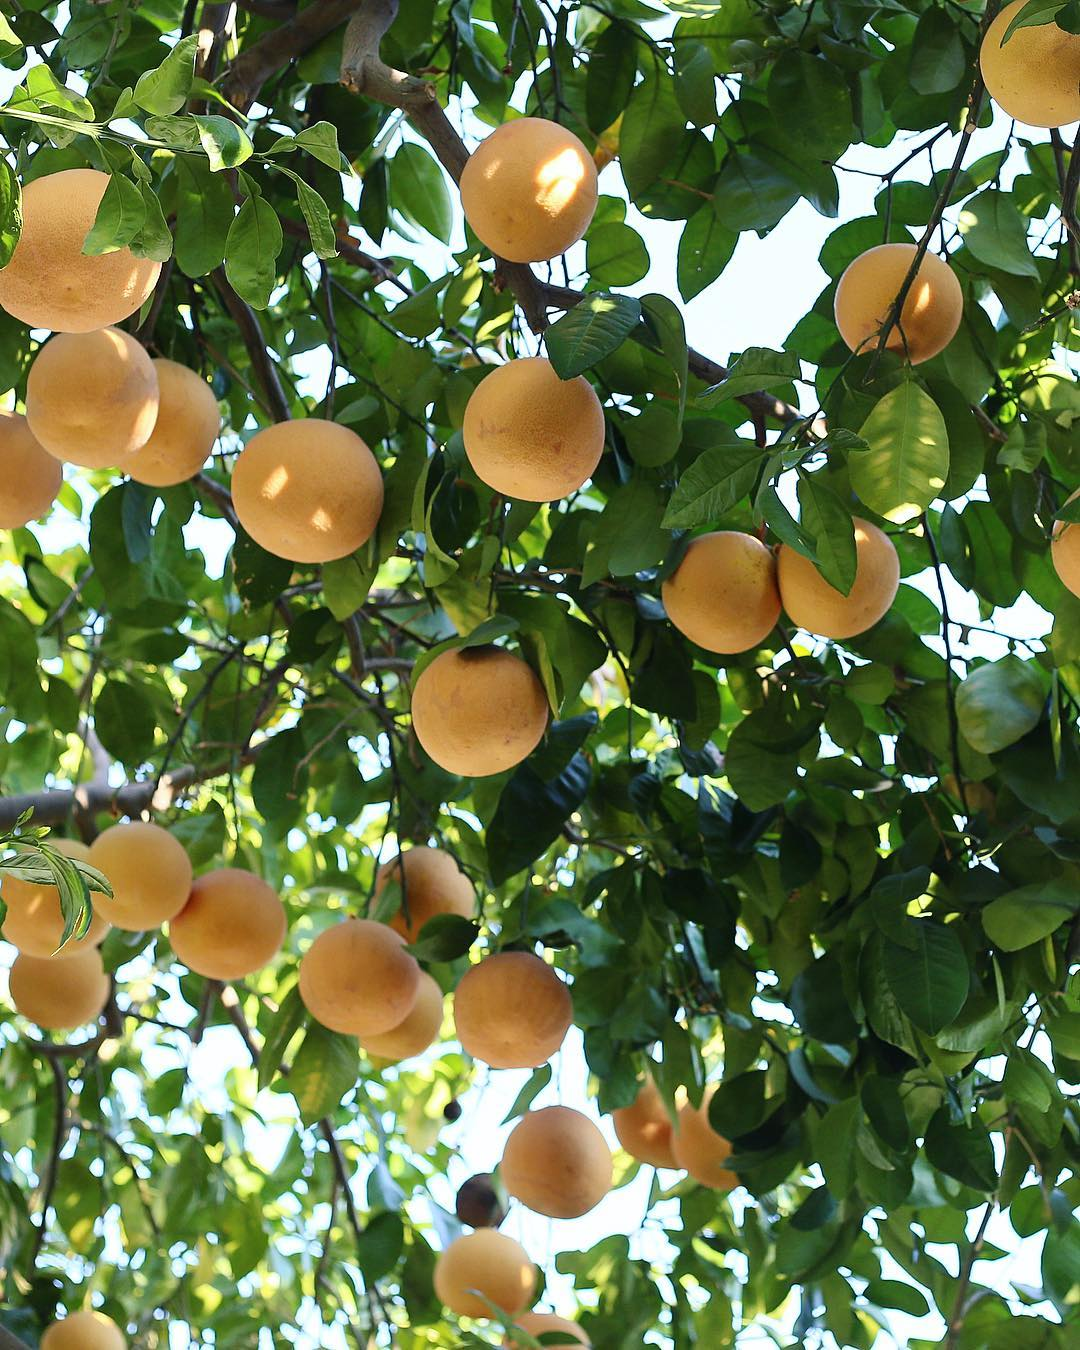 Lemons by Taylor Anne Swaim